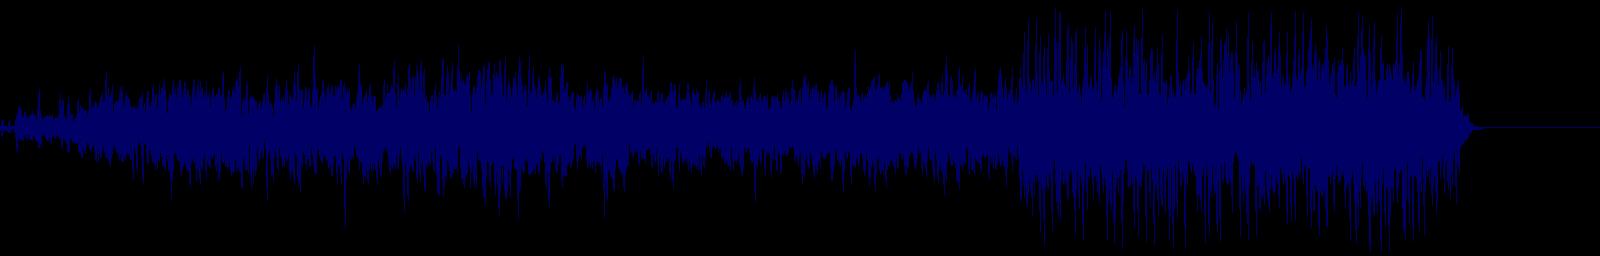 waveform of track #150544